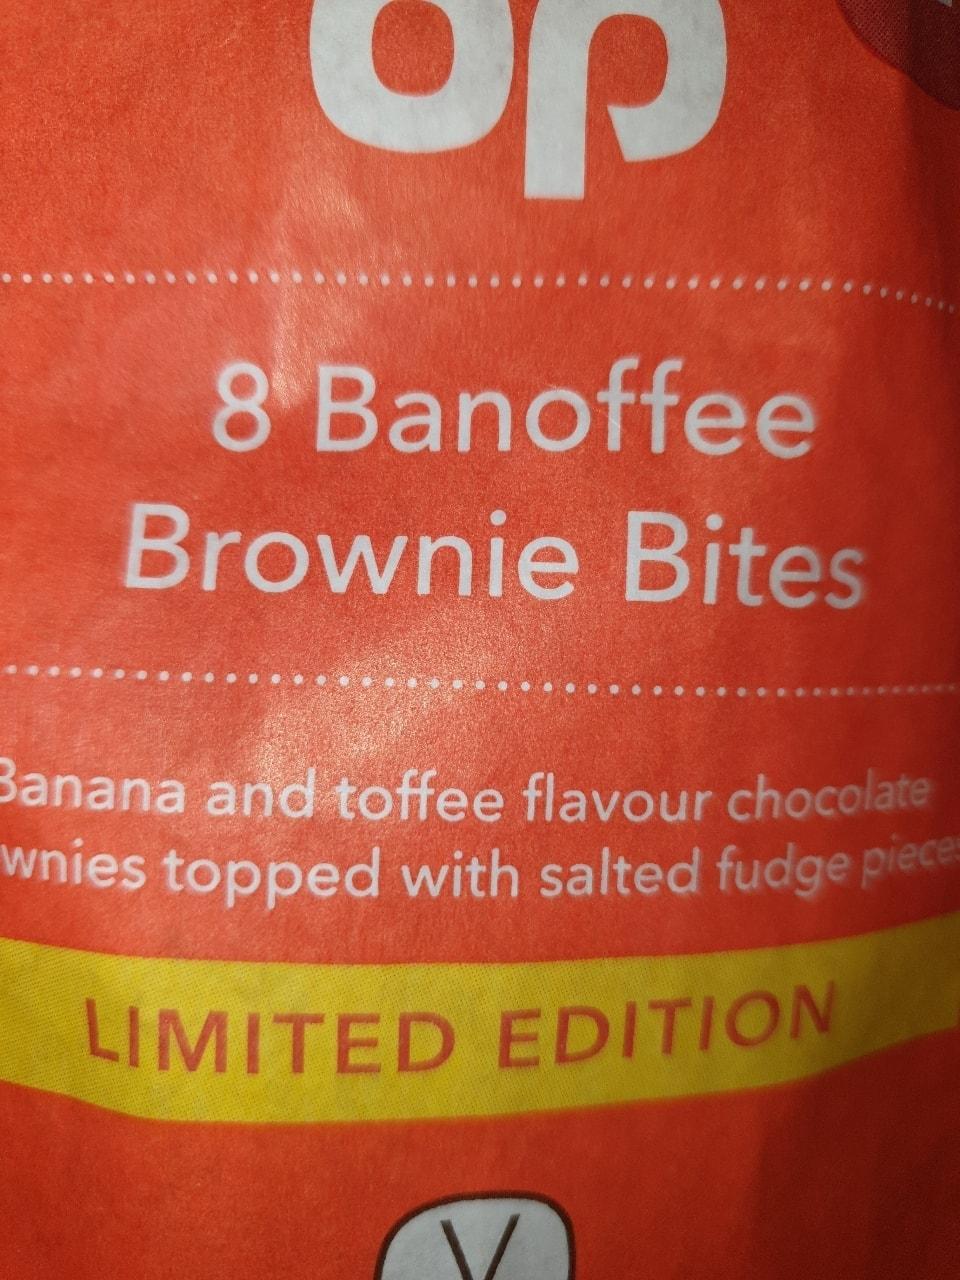 Banoffee brownie bites